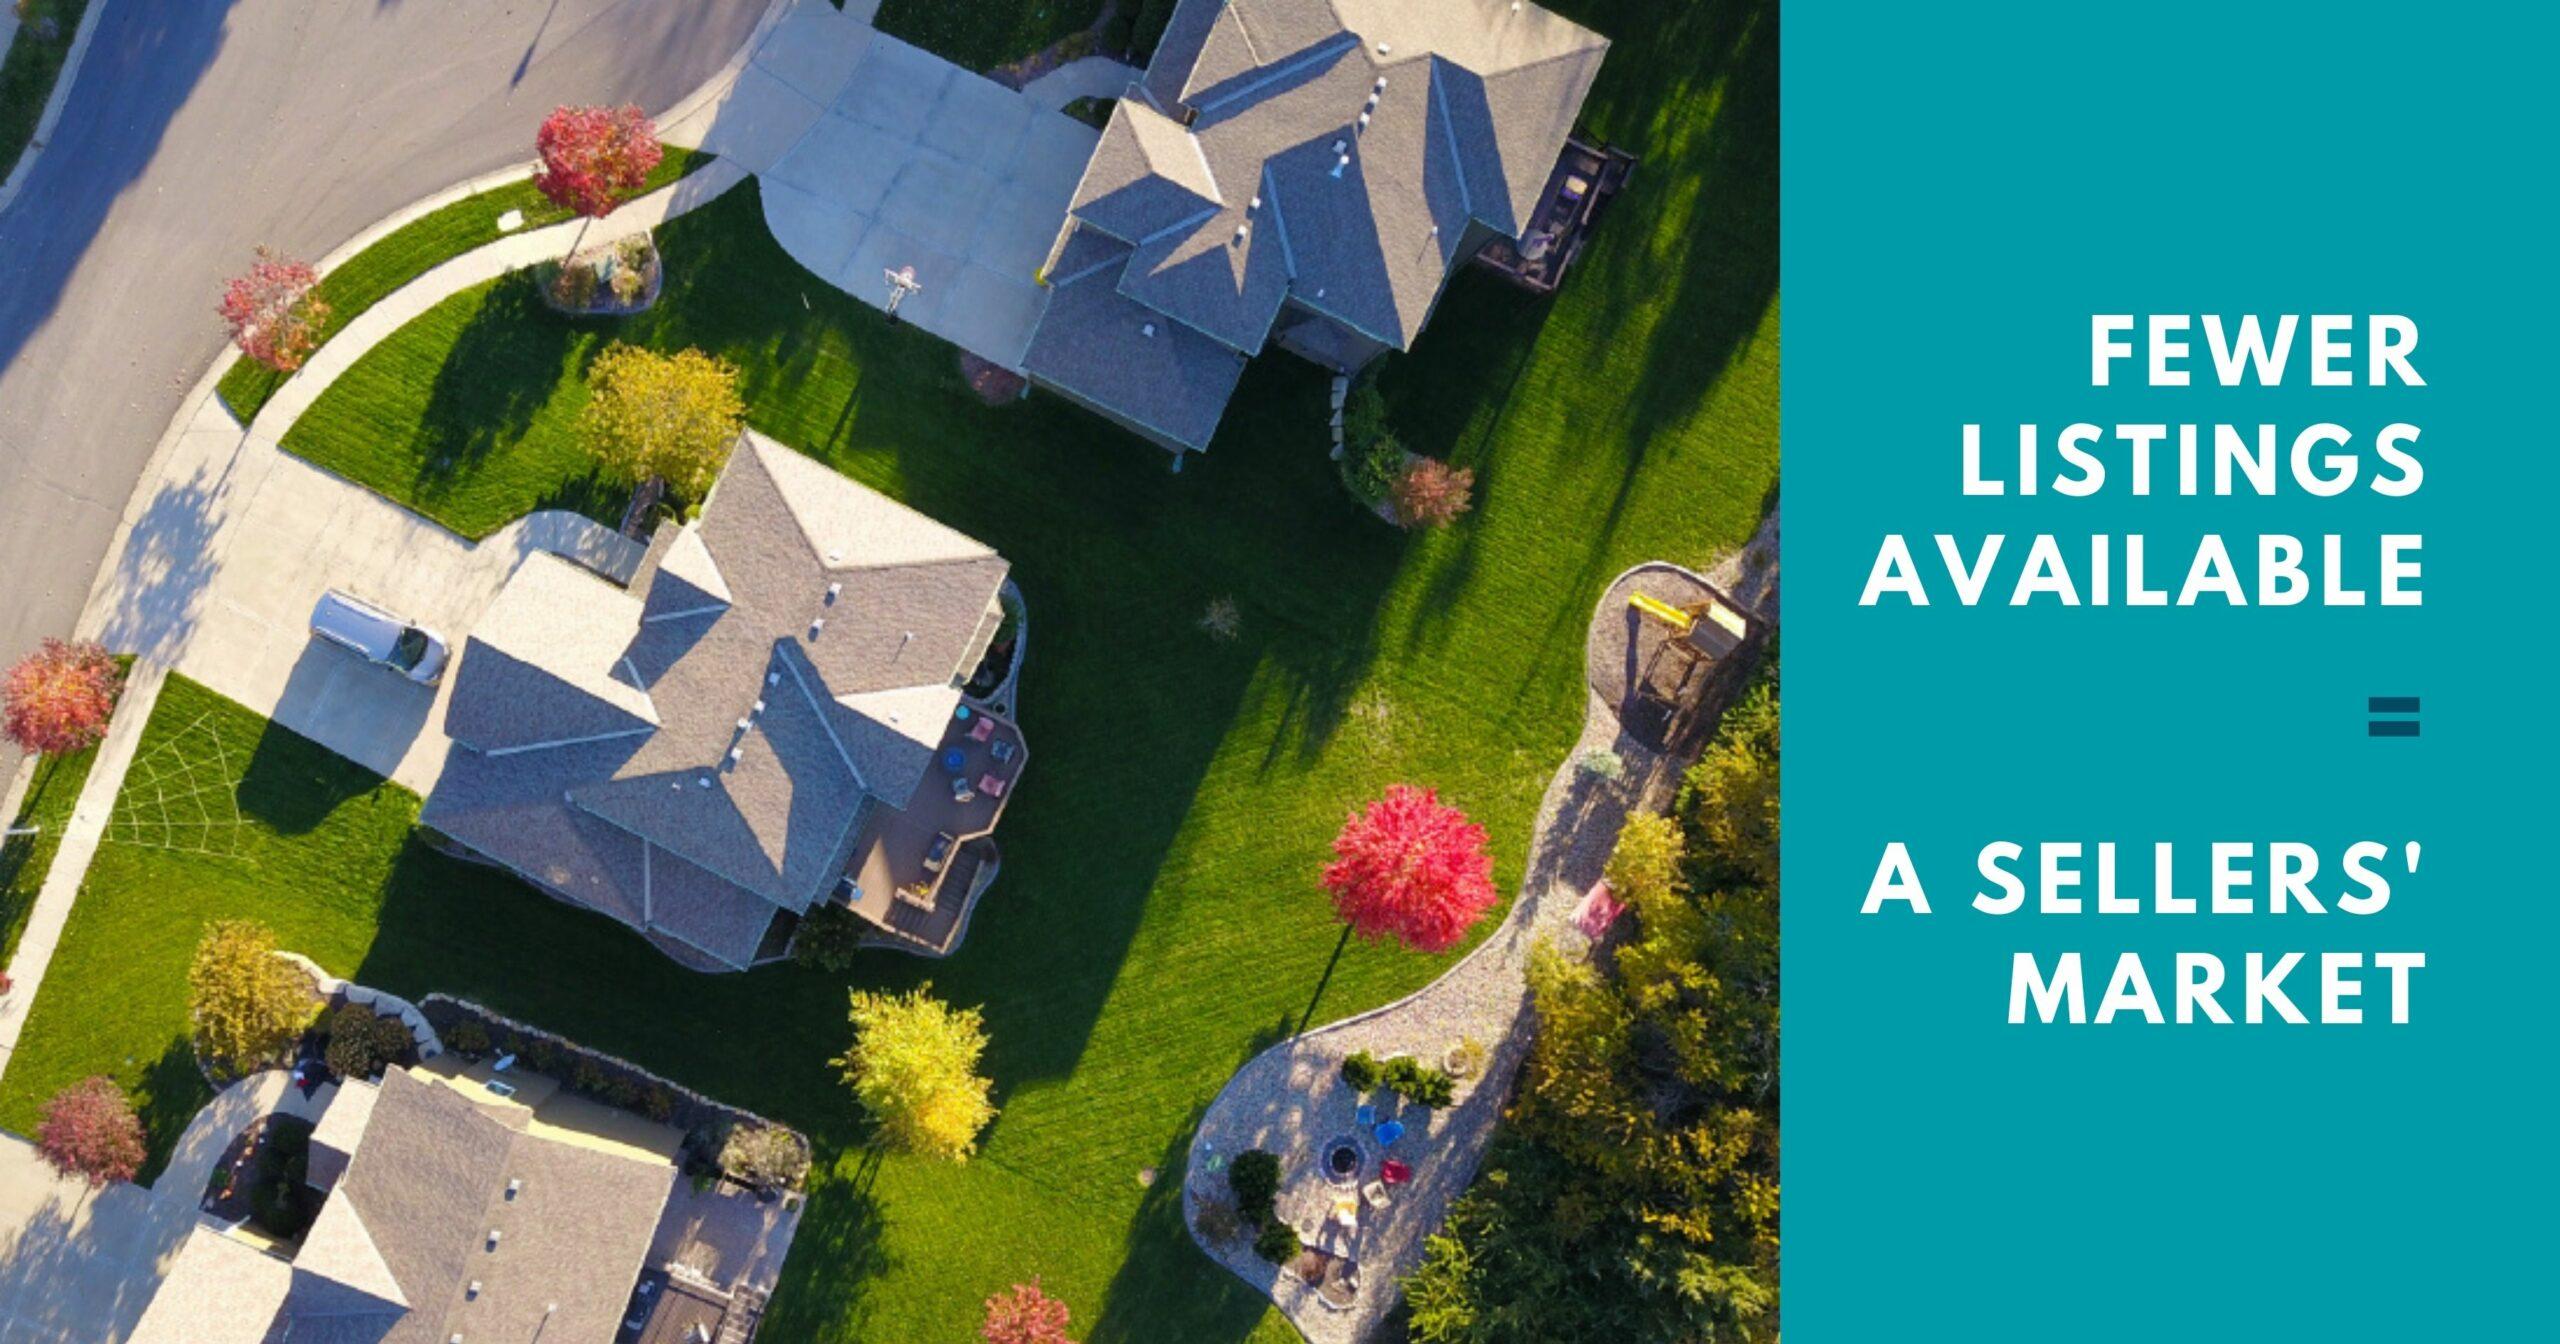 A Strong Housing Market